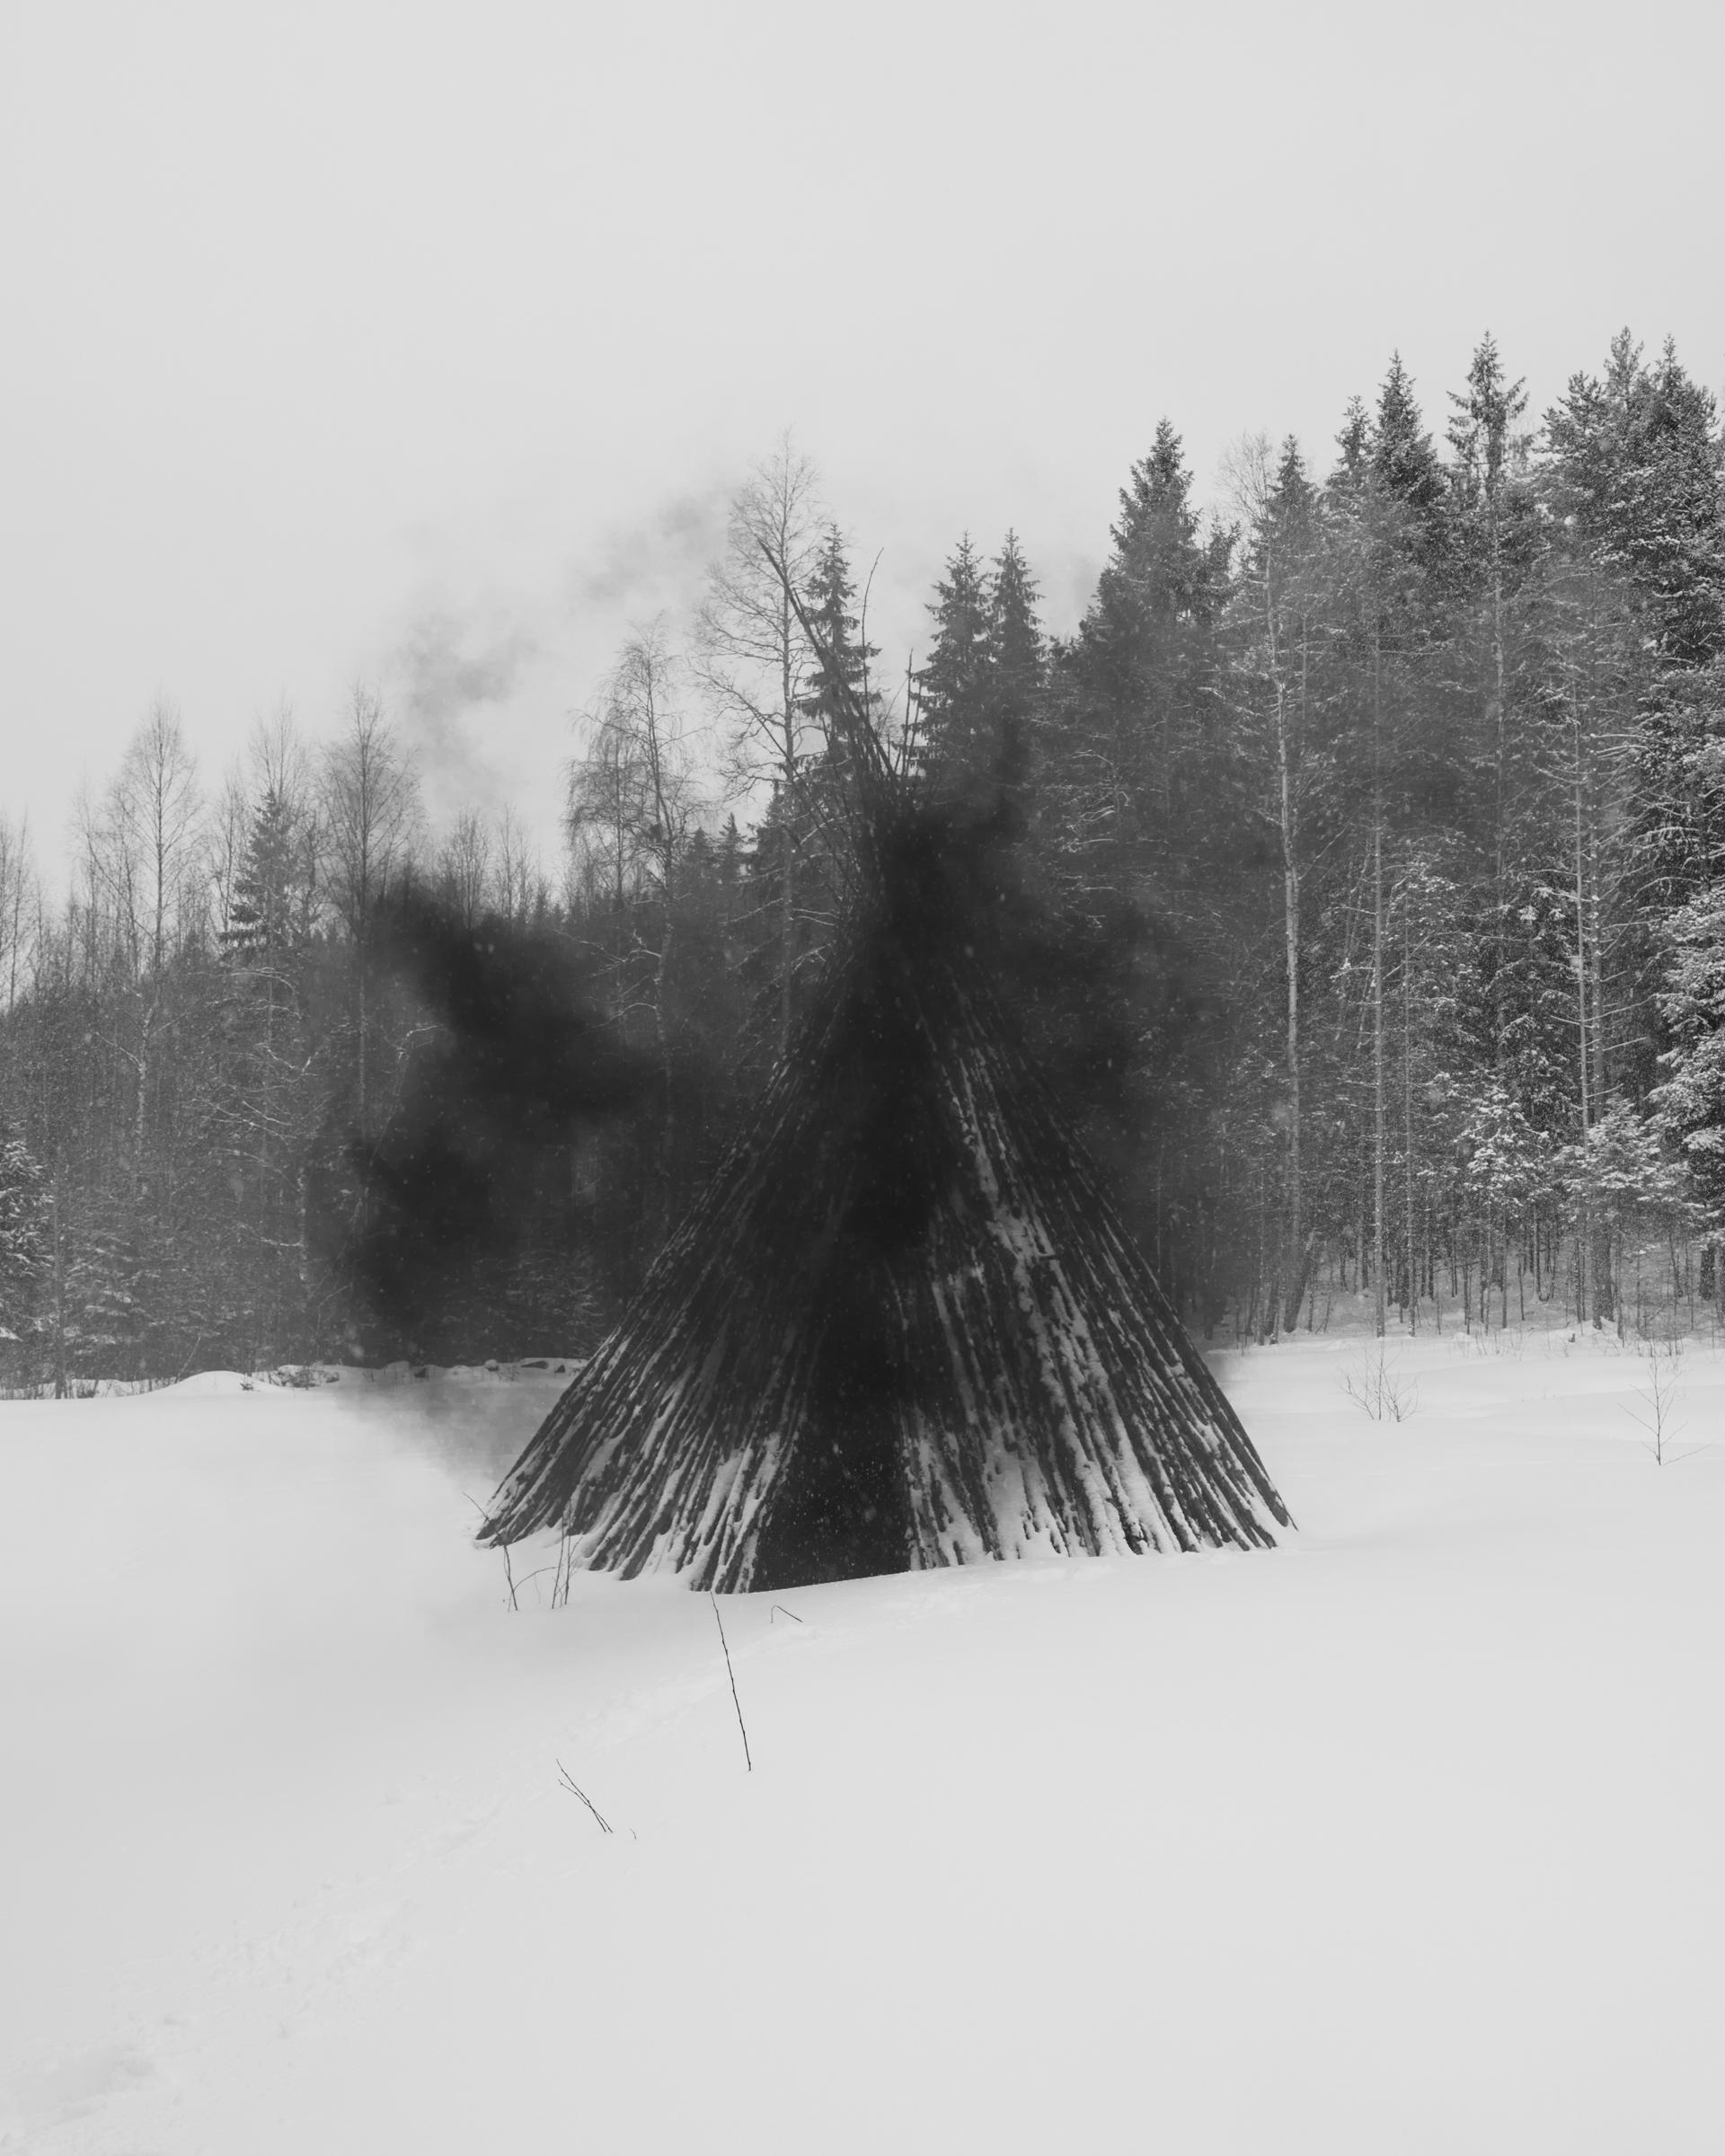 004-Slash-Burn_Abusdal.jpg